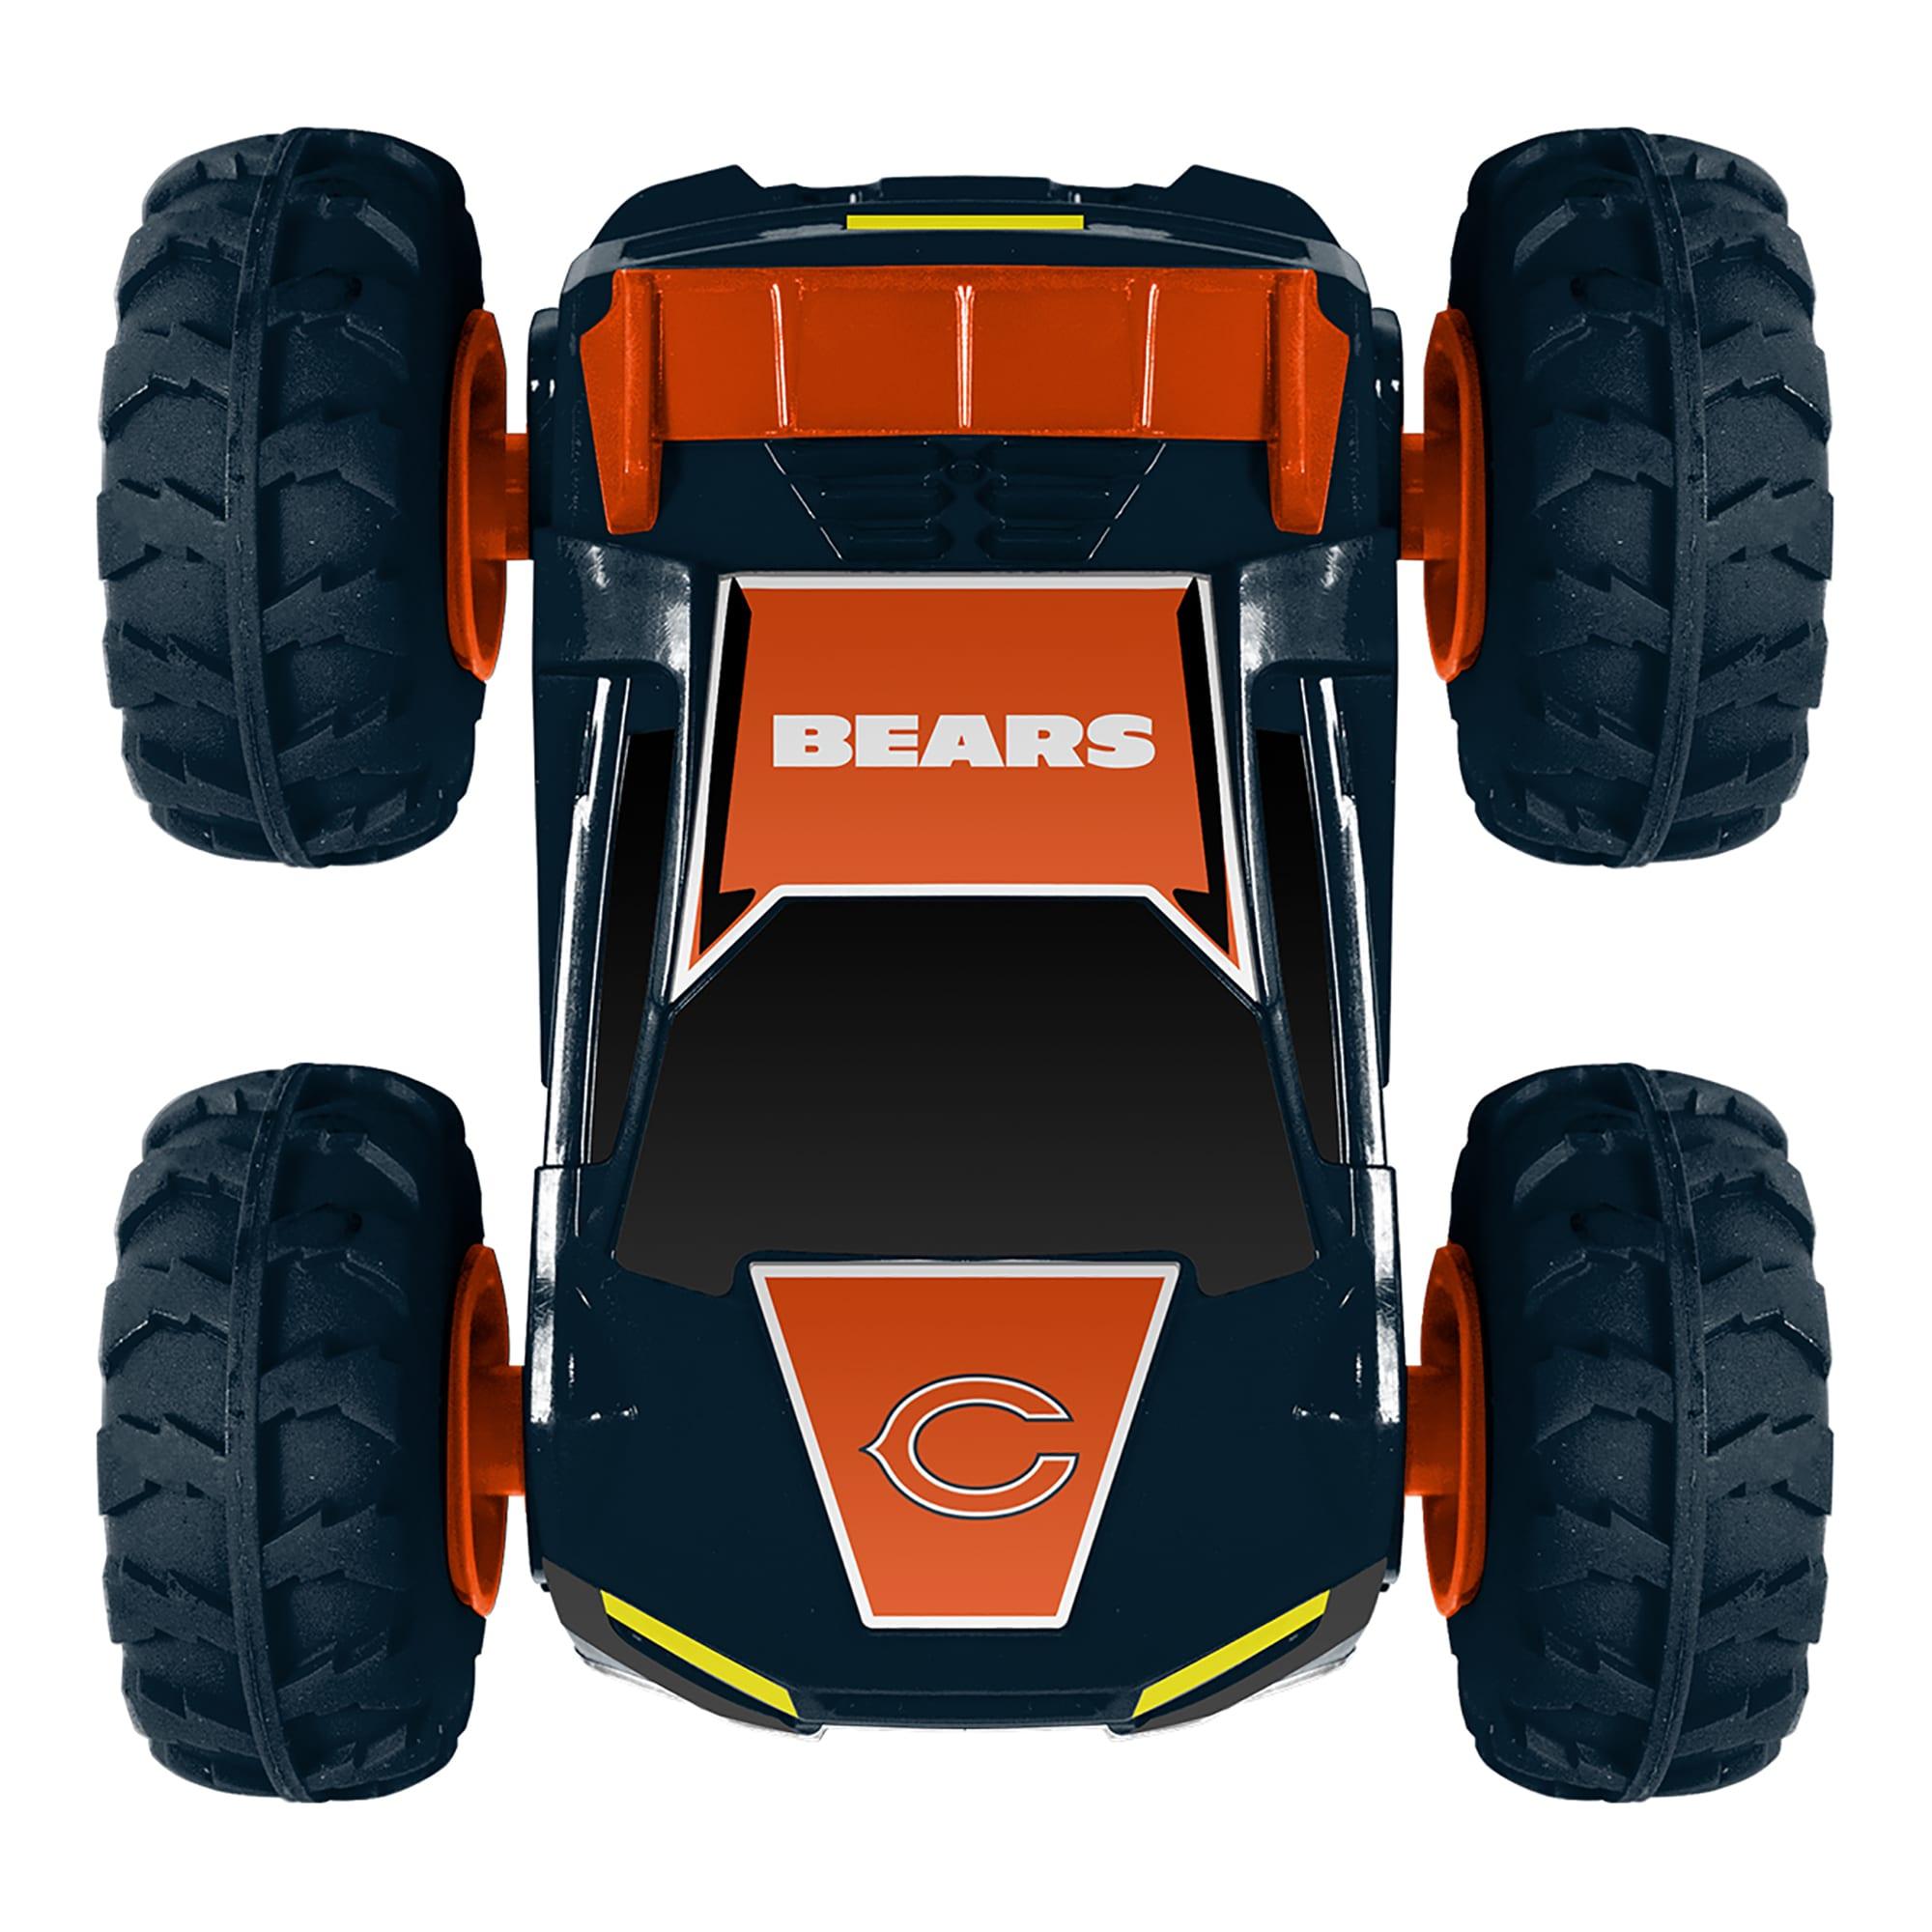 Chicago Bears Two-Sided Flip Racer Stunt Car